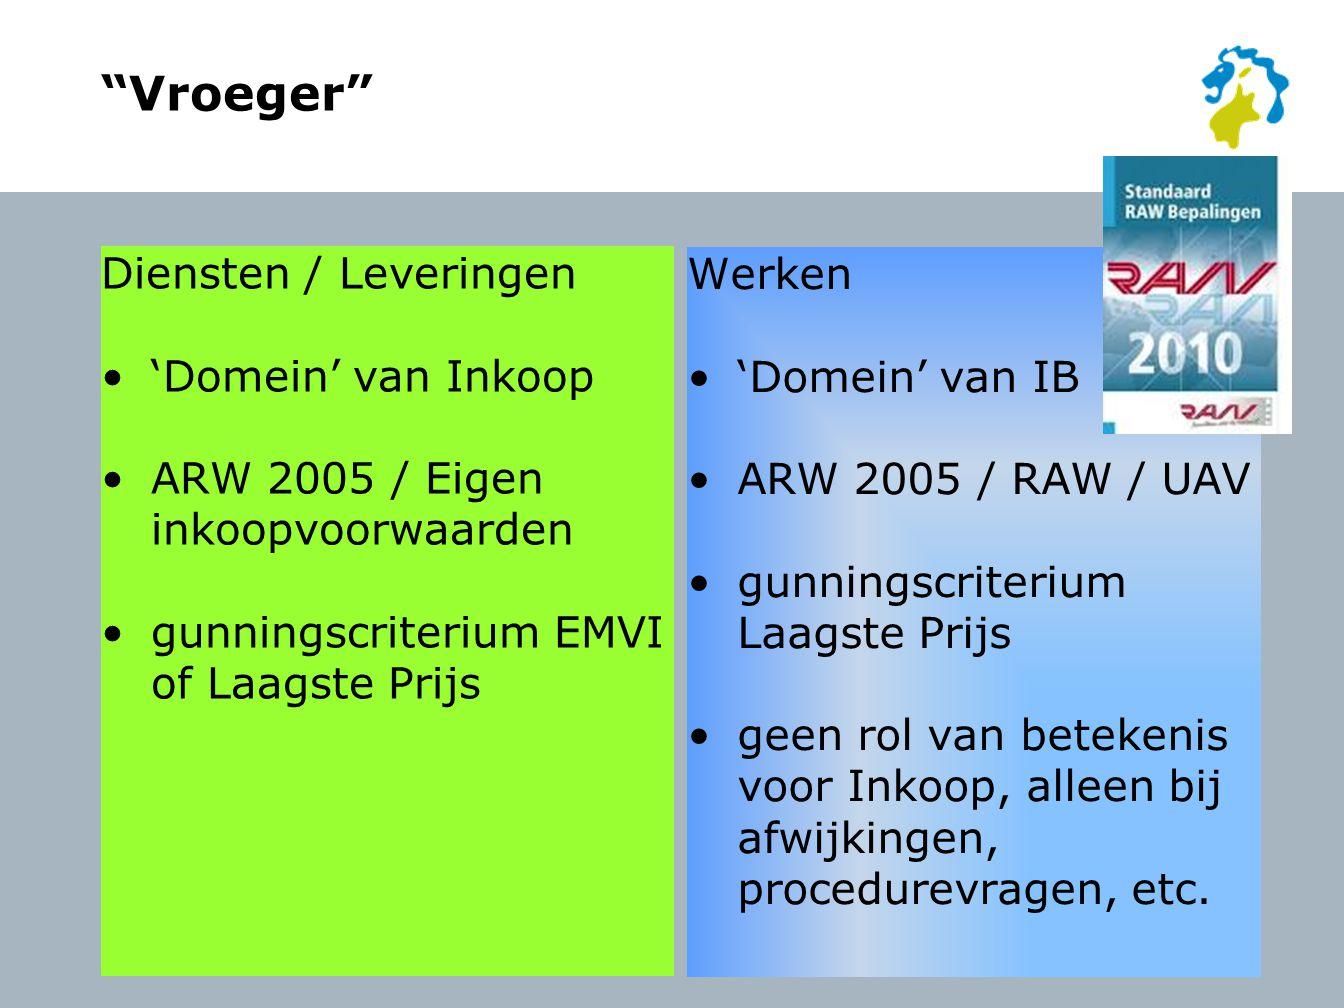 Vroeger Diensten / Leveringen 'Domein' van Inkoop ARW 2005 / Eigen inkoopvoorwaarden gunningscriterium EMVI of Laagste Prijs Werken 'Domein' van IB ARW 2005 / RAW / UAV gunningscriterium Laagste Prijs geen rol van betekenis voor Inkoop, alleen bij afwijkingen, procedurevragen, etc.